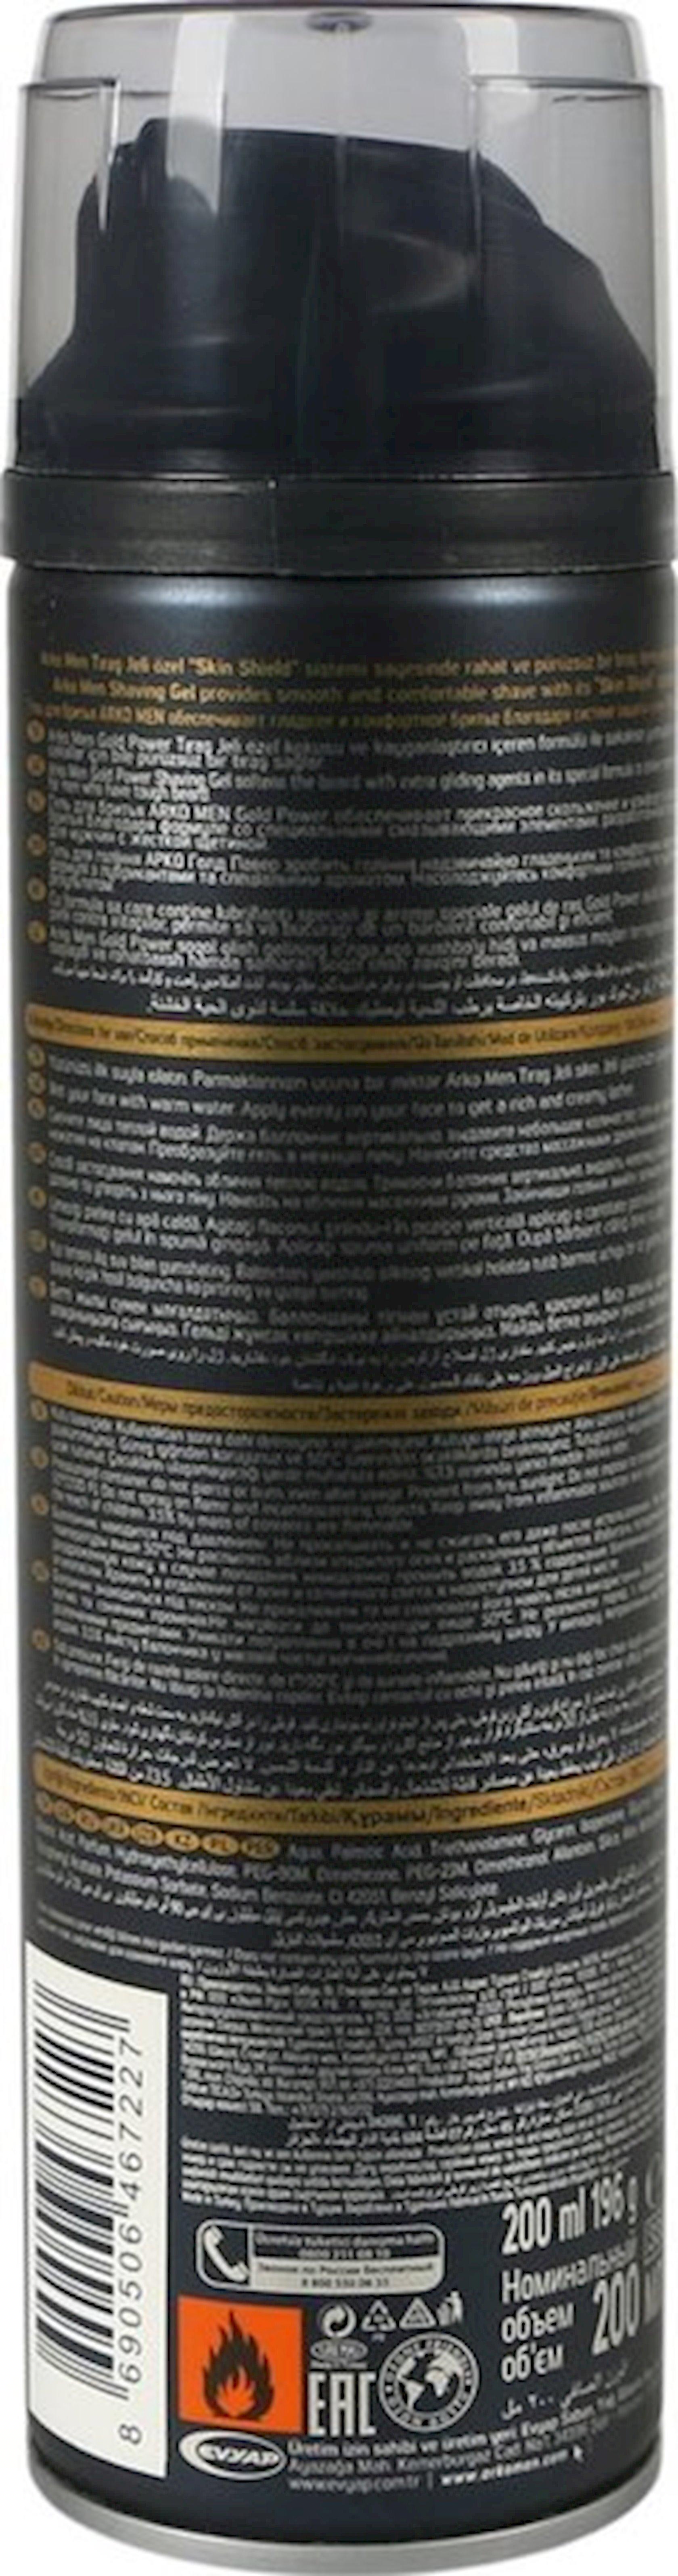 Təraş geli Arko Gold Power, 200 ml